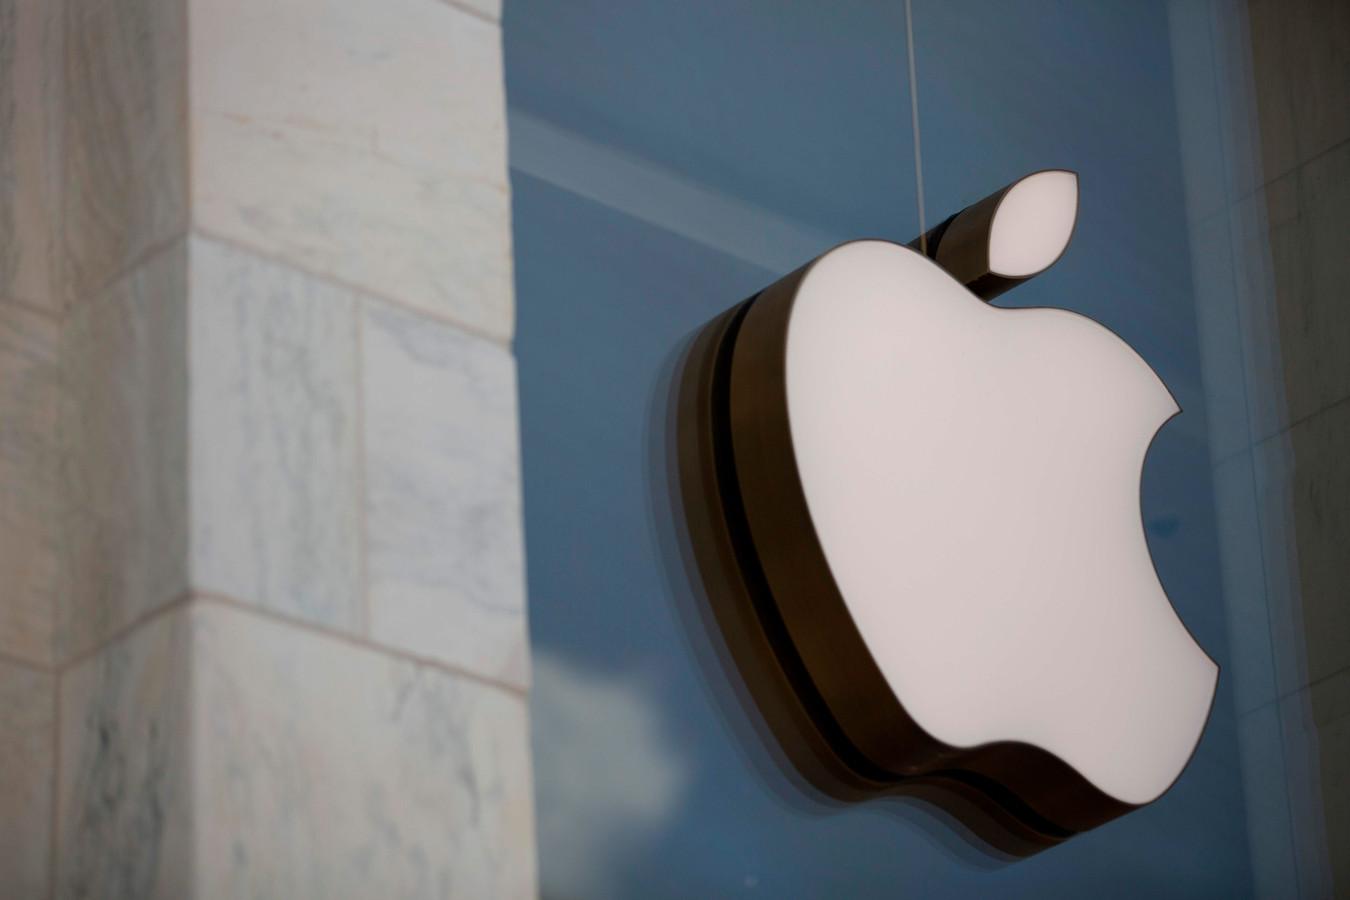 En décembre 2017, Apple avait présenté des excuses pour avoir délibérément ralenti certains de ses iPhones pour compenser le vieillissement de leur batterie et éviter qu'ils ne s'éteignent de façon intempestive.